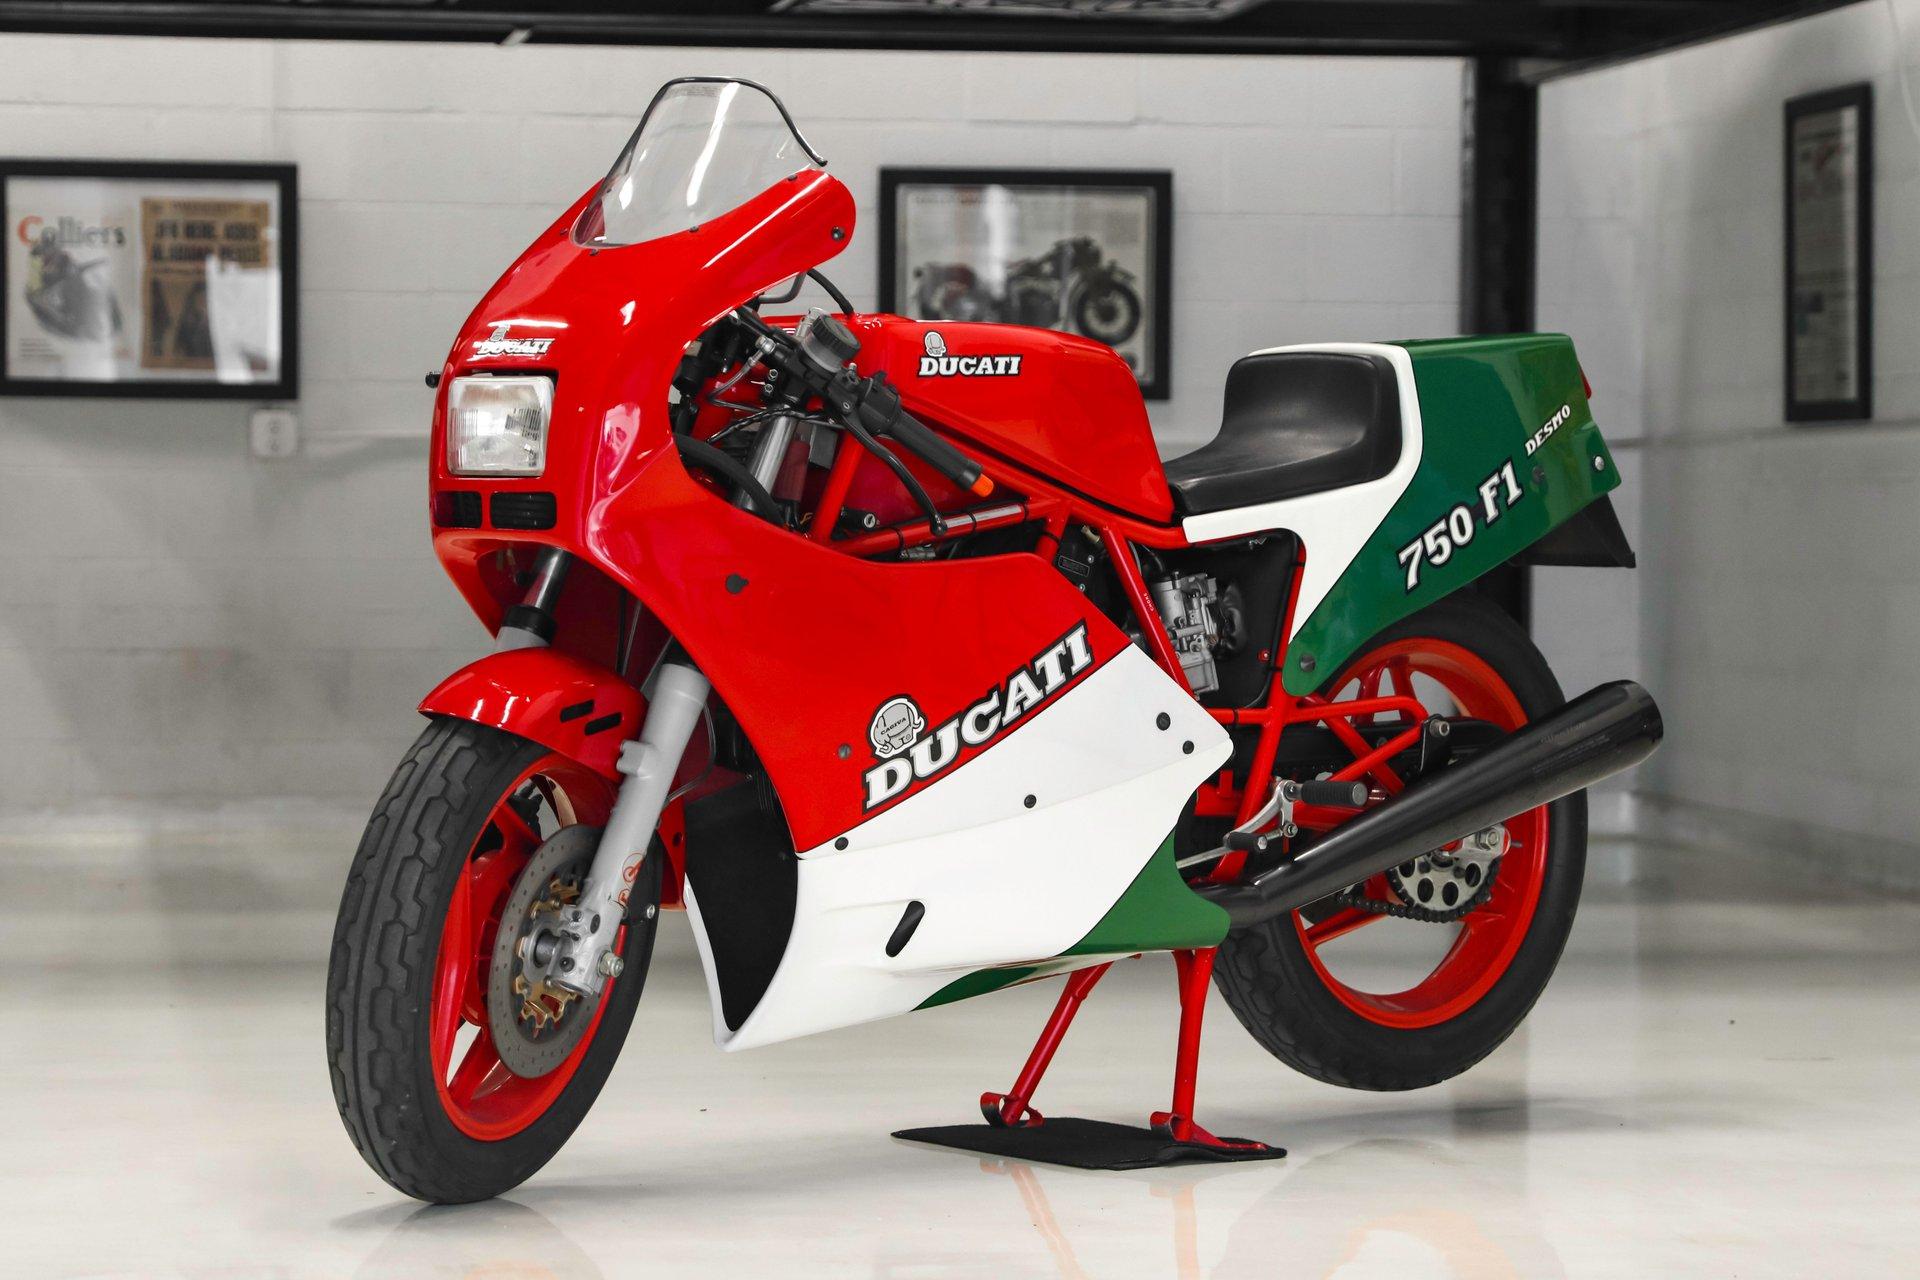 1986 ducati f1 b